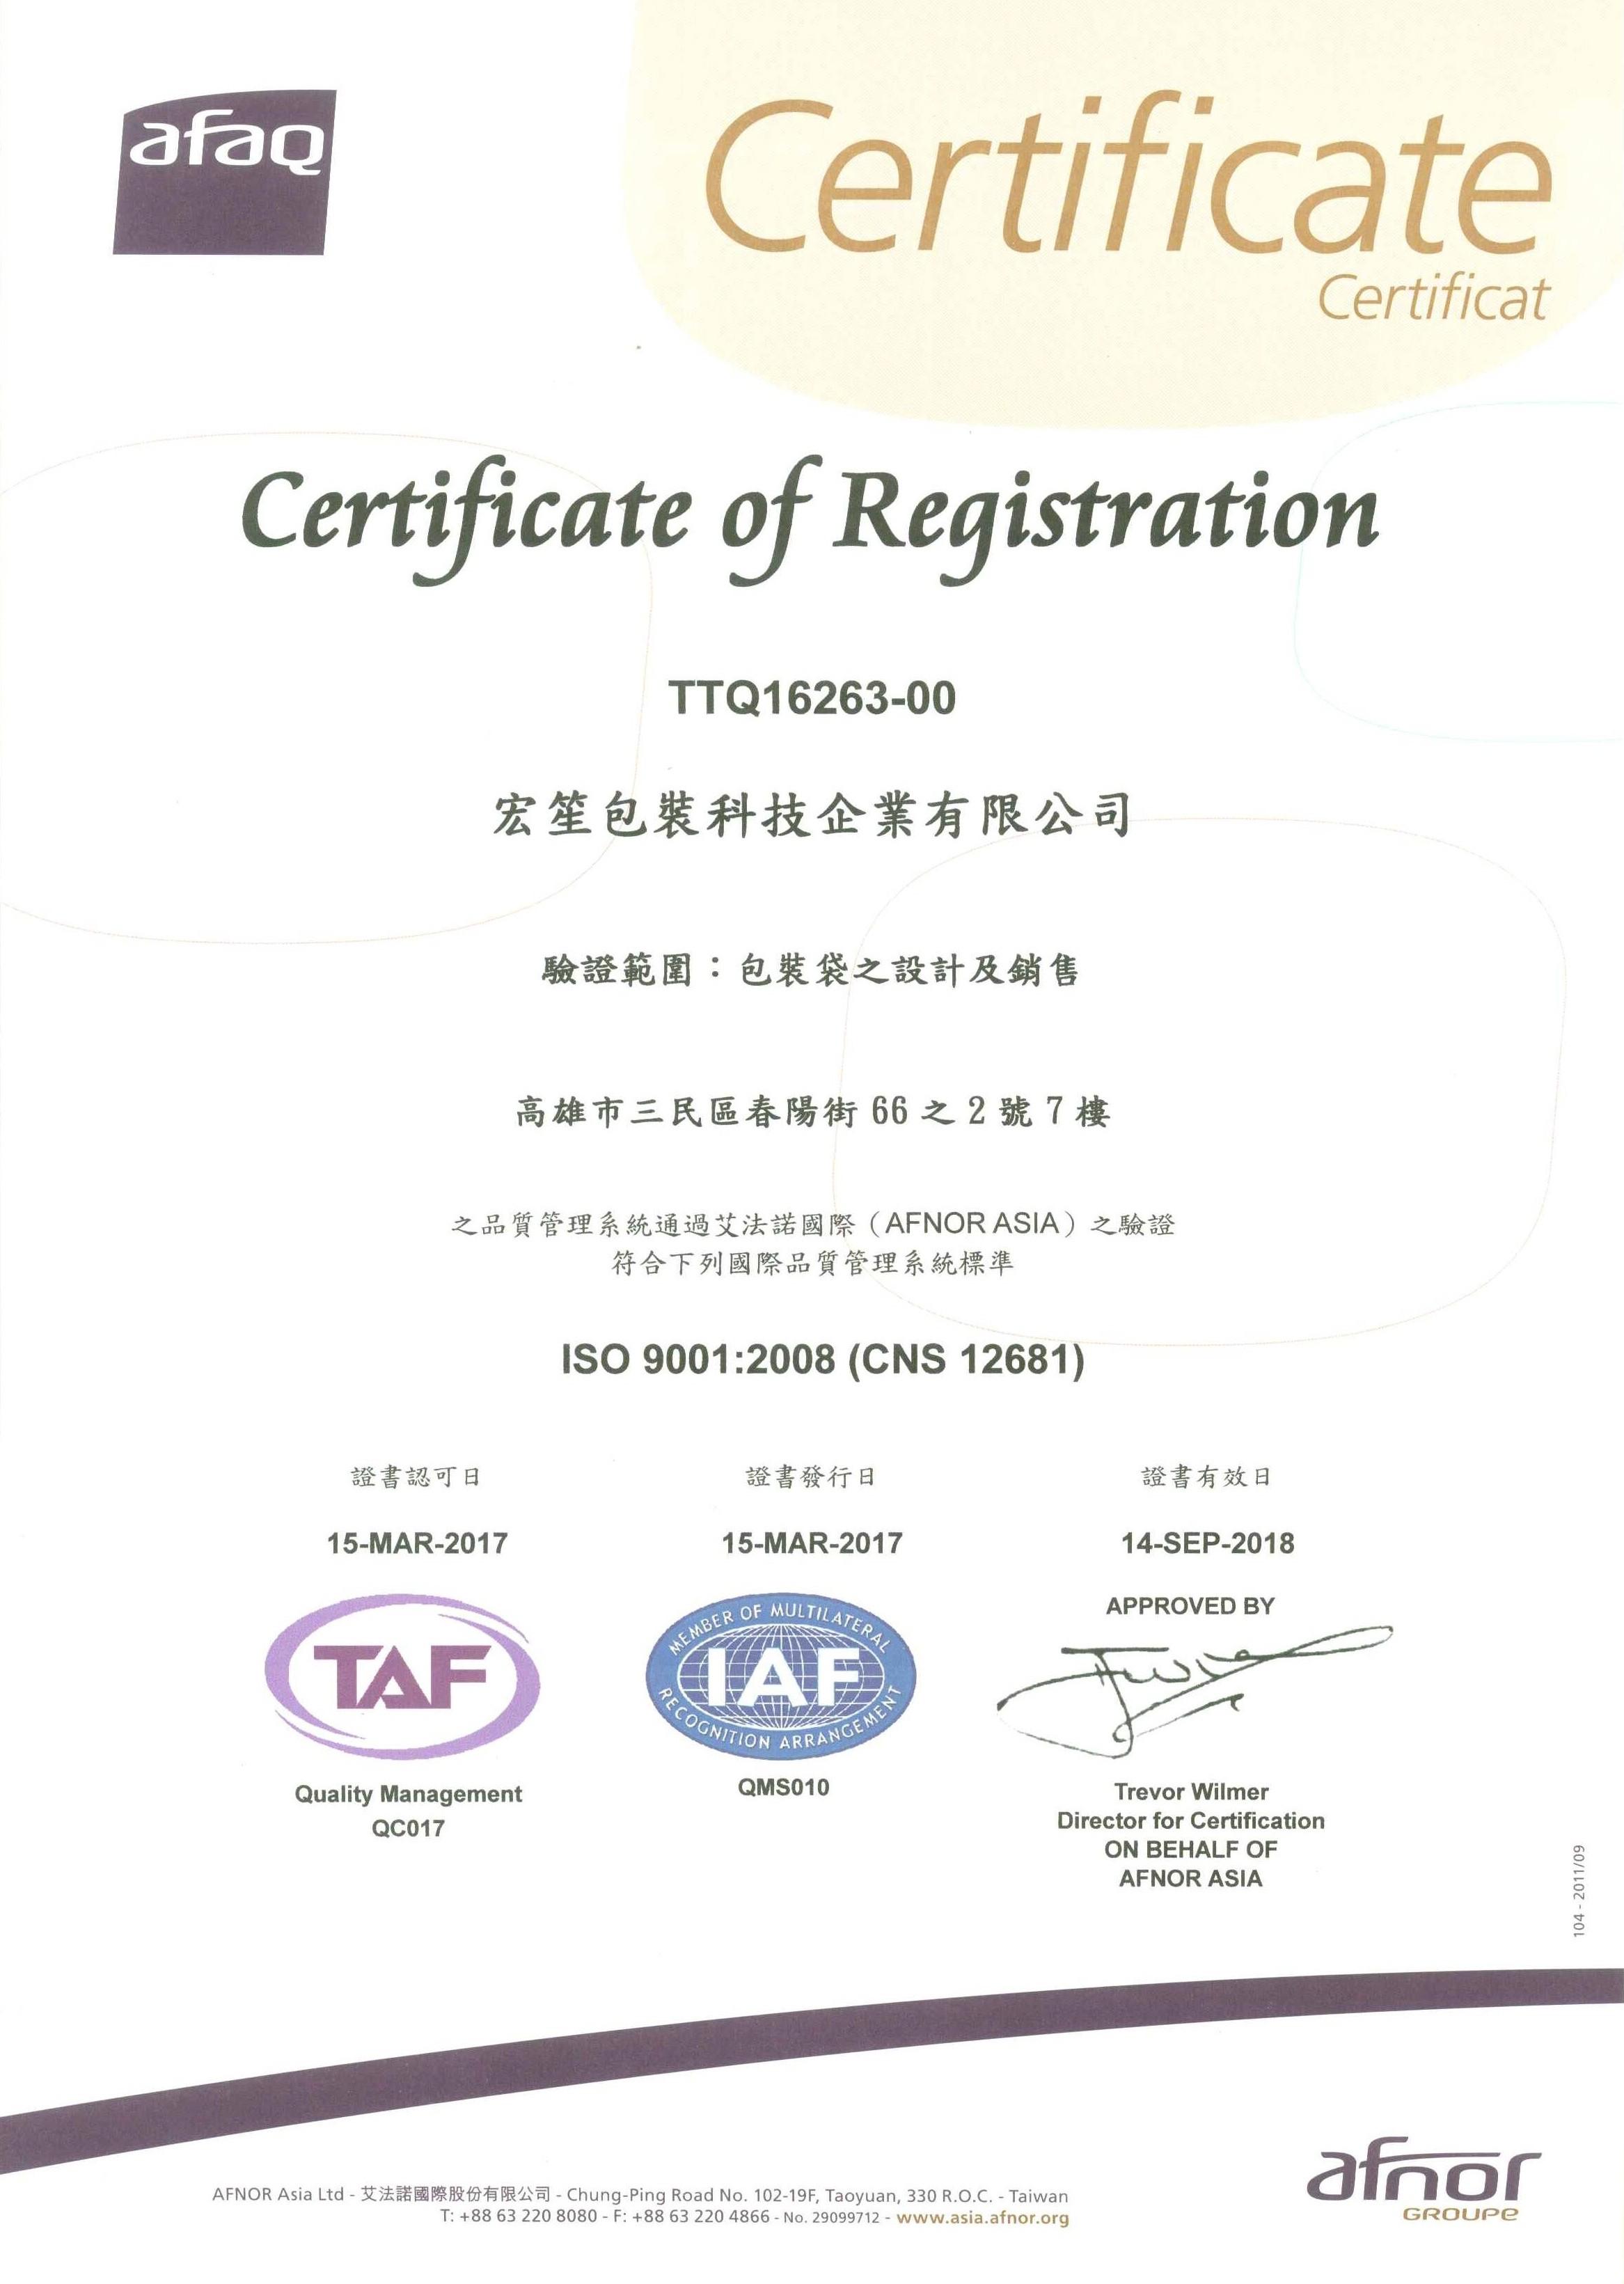 宏笙ISO證書.jpg